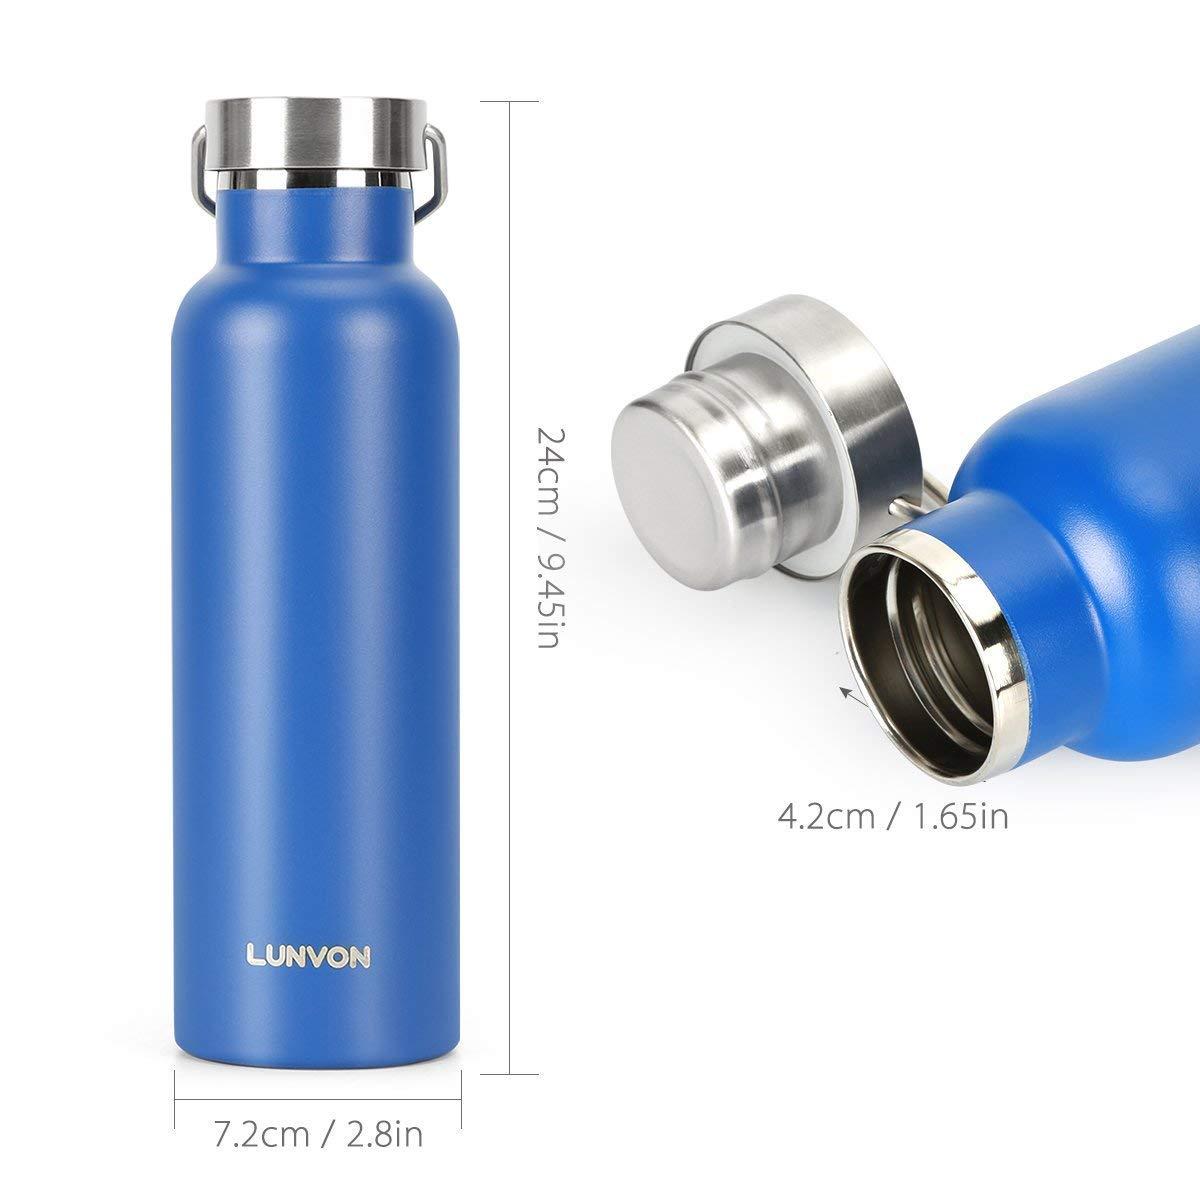 Lunvon Sportflasche 600ML Auslaufsicher Wasserflasche, 24 Std Kühlen ...